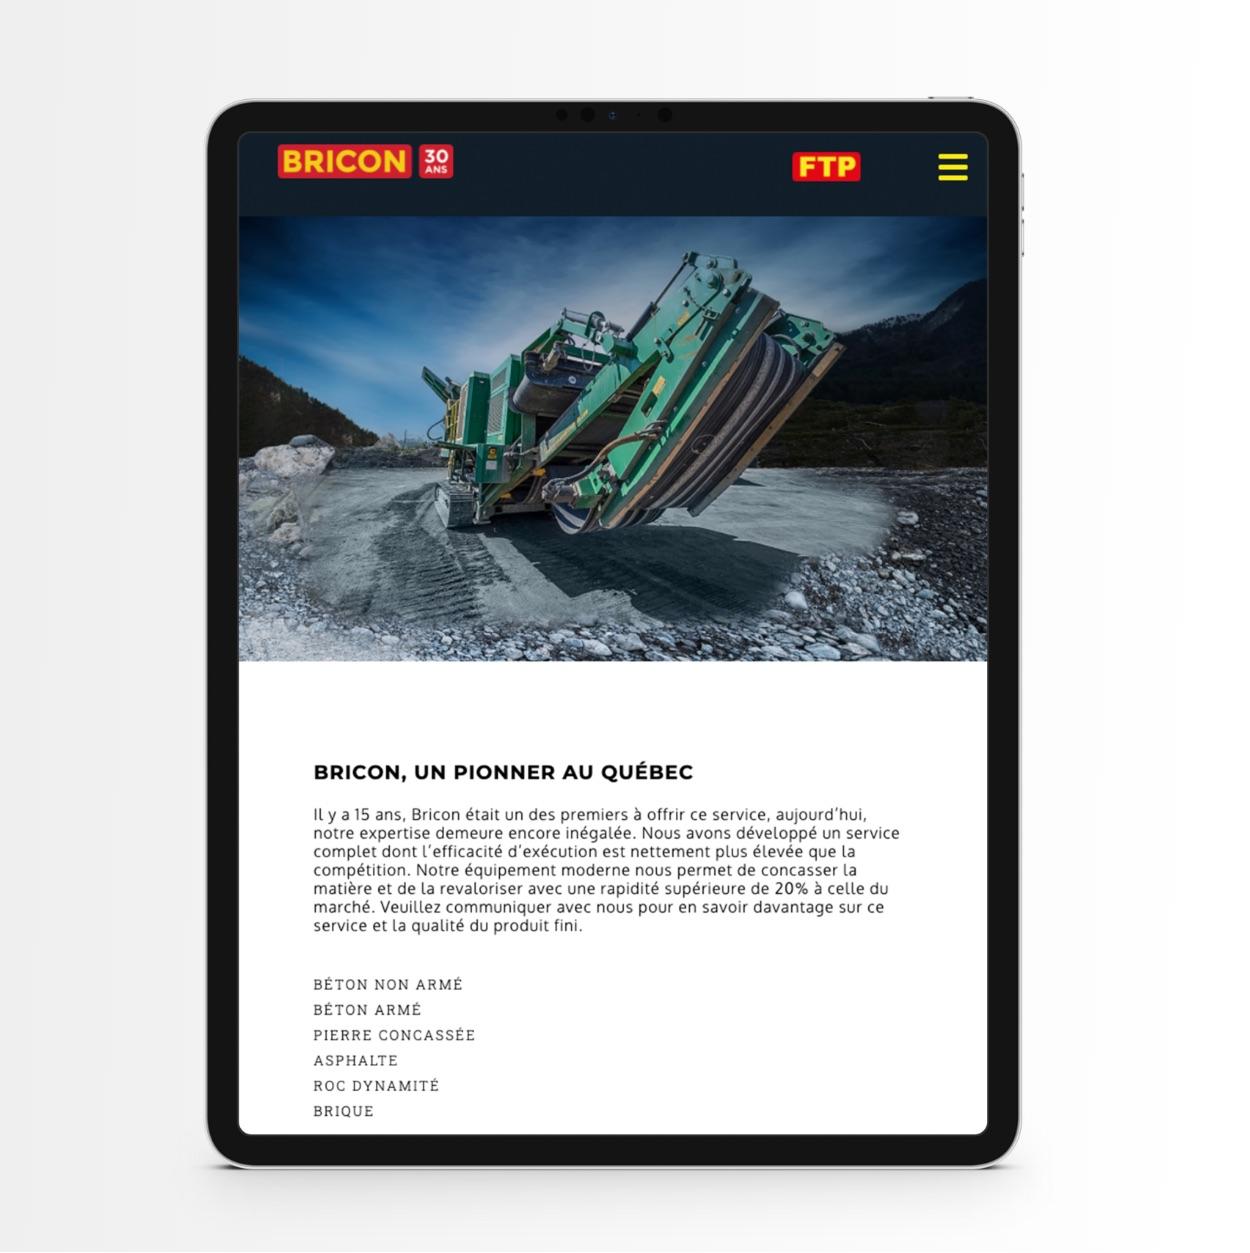 Stratégie responsive | Affichage optimisé sur tablette | Bricon